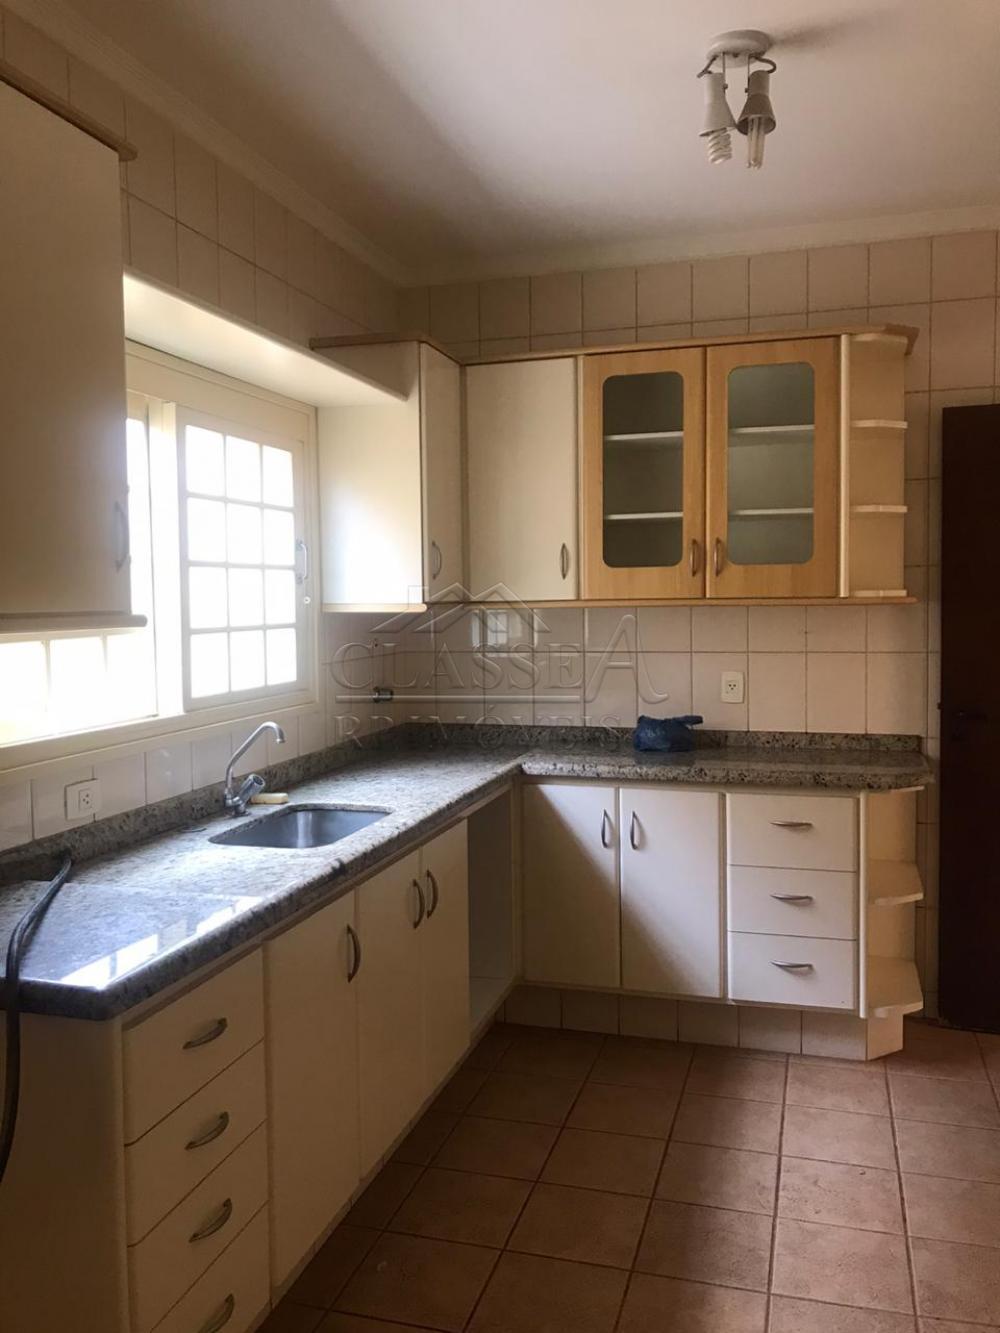 Comprar Casa / Condomínio - térrea em Ribeirão Preto apenas R$ 568.500,00 - Foto 3